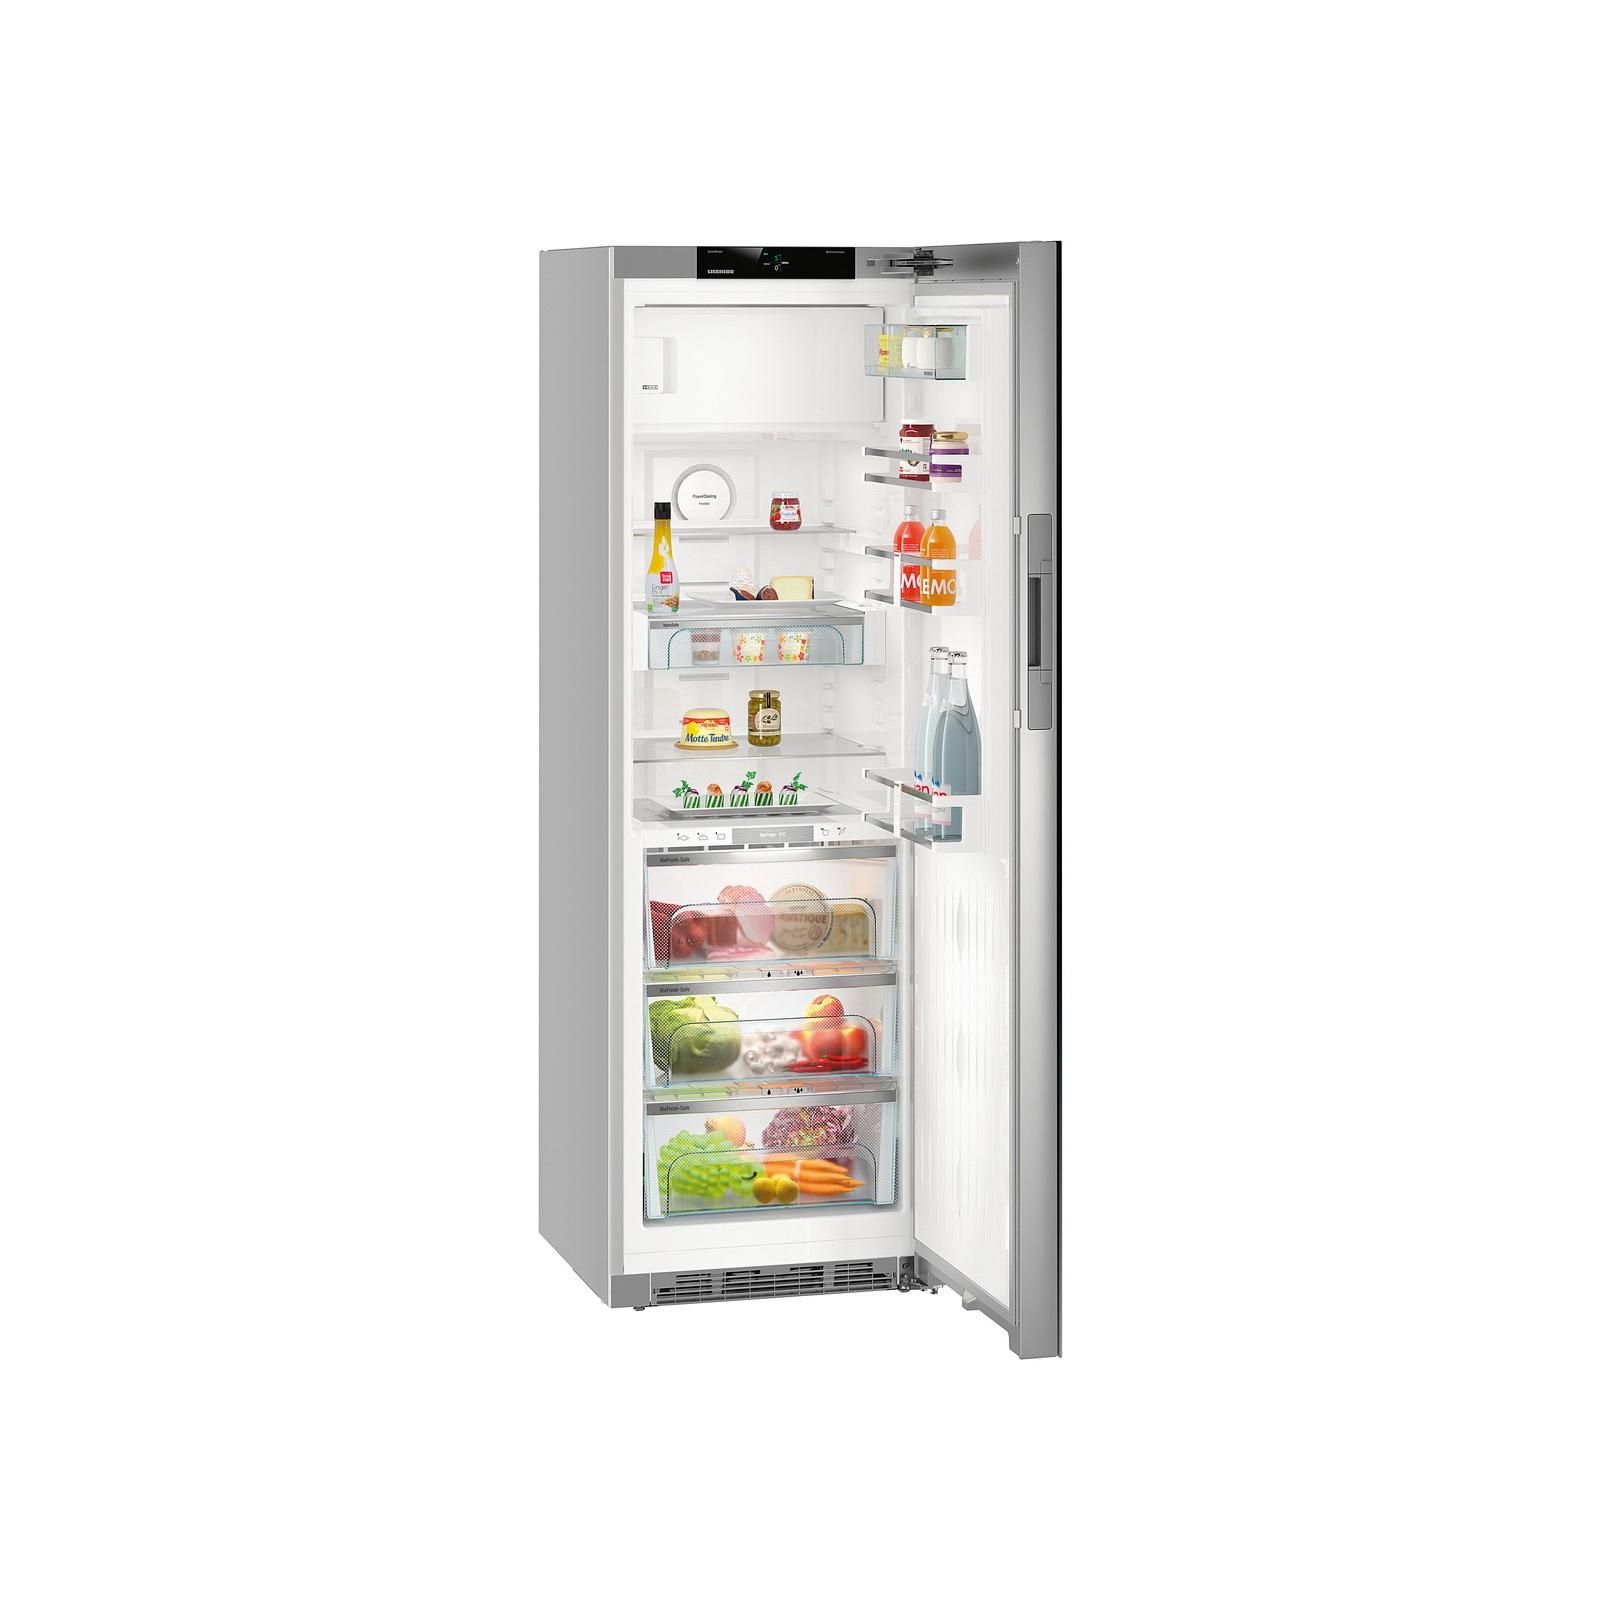 Холодильник Liebherr KBPgb 4354 изображение 5